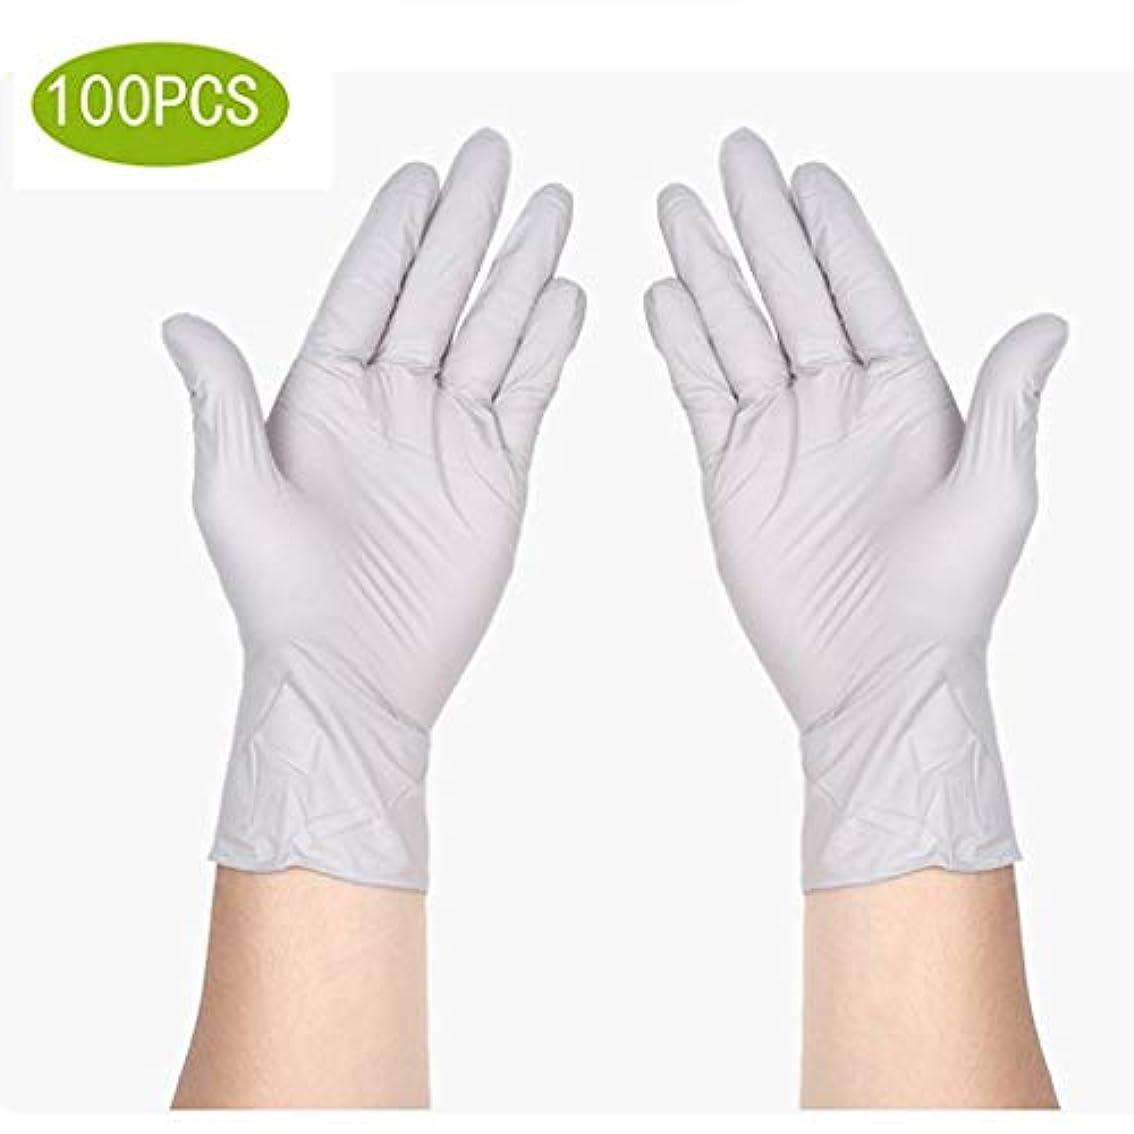 かんたん蚊懸念サニタリー手袋ニトリル医療グレード試験用手袋、使い捨て、ラテックスフリー、100カウント滅菌使い捨て安全手袋 (Size : L)